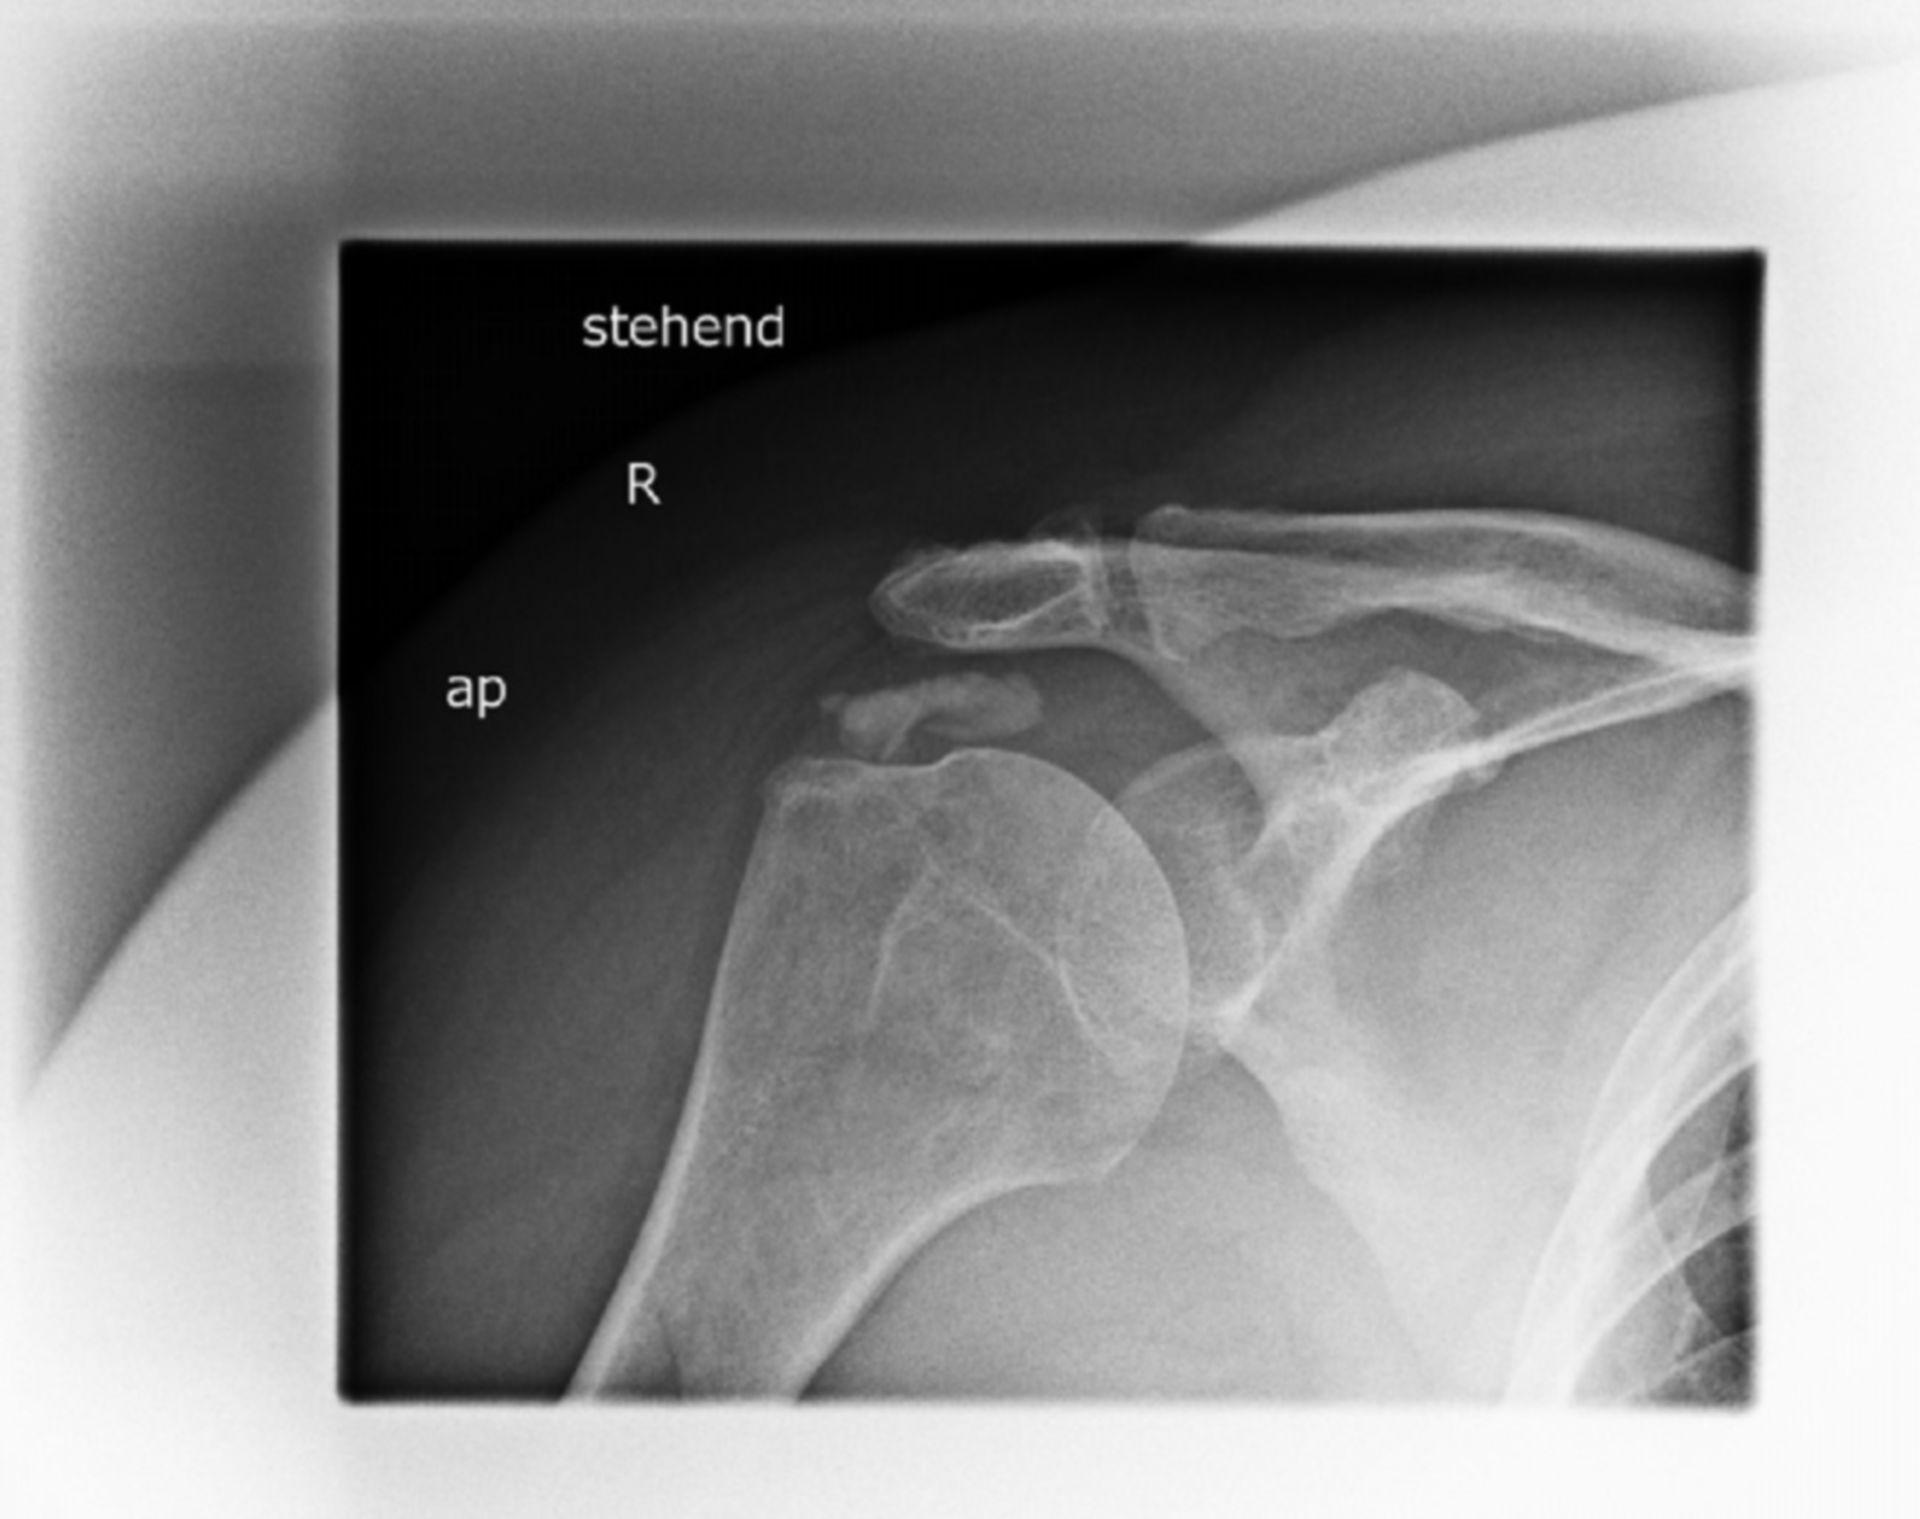 rö_ap: Röntgen einer rechten Schulter von a.p. im Stehen